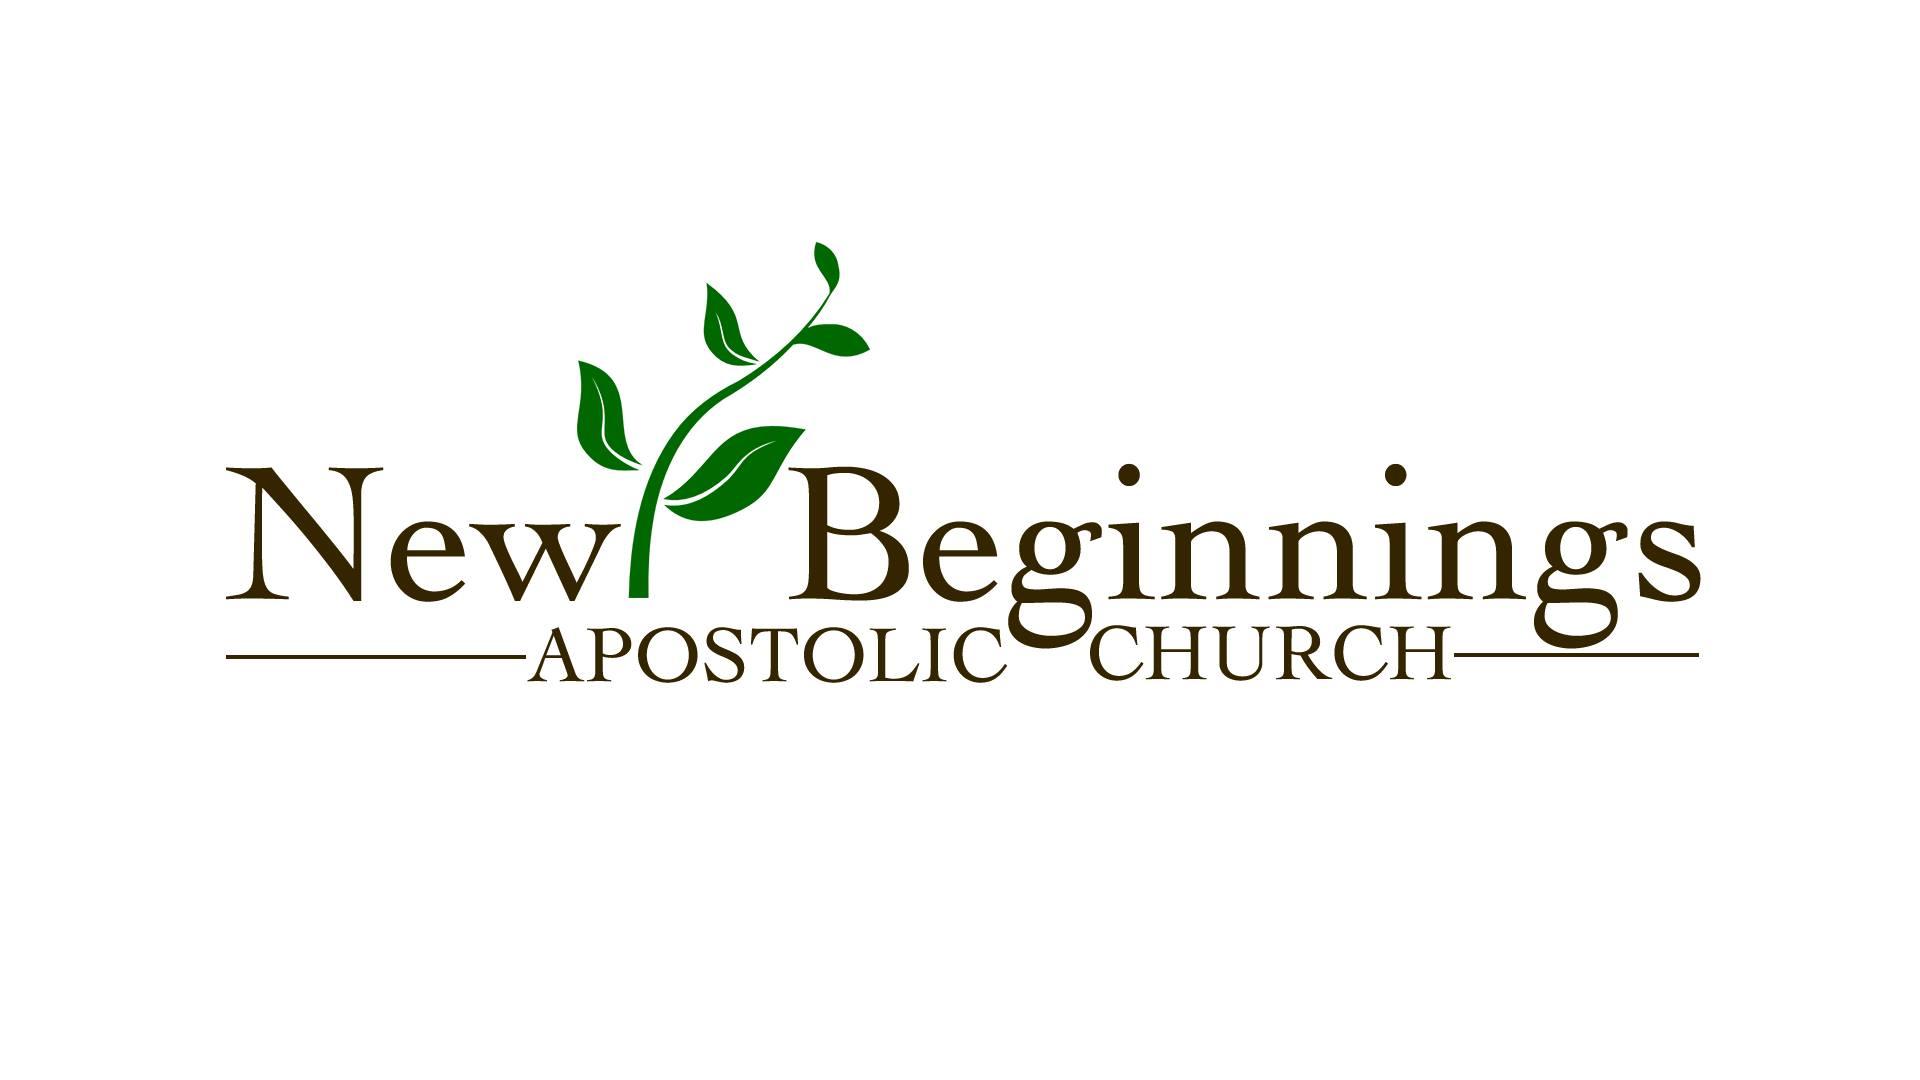 New Beginnings Apostolic Church